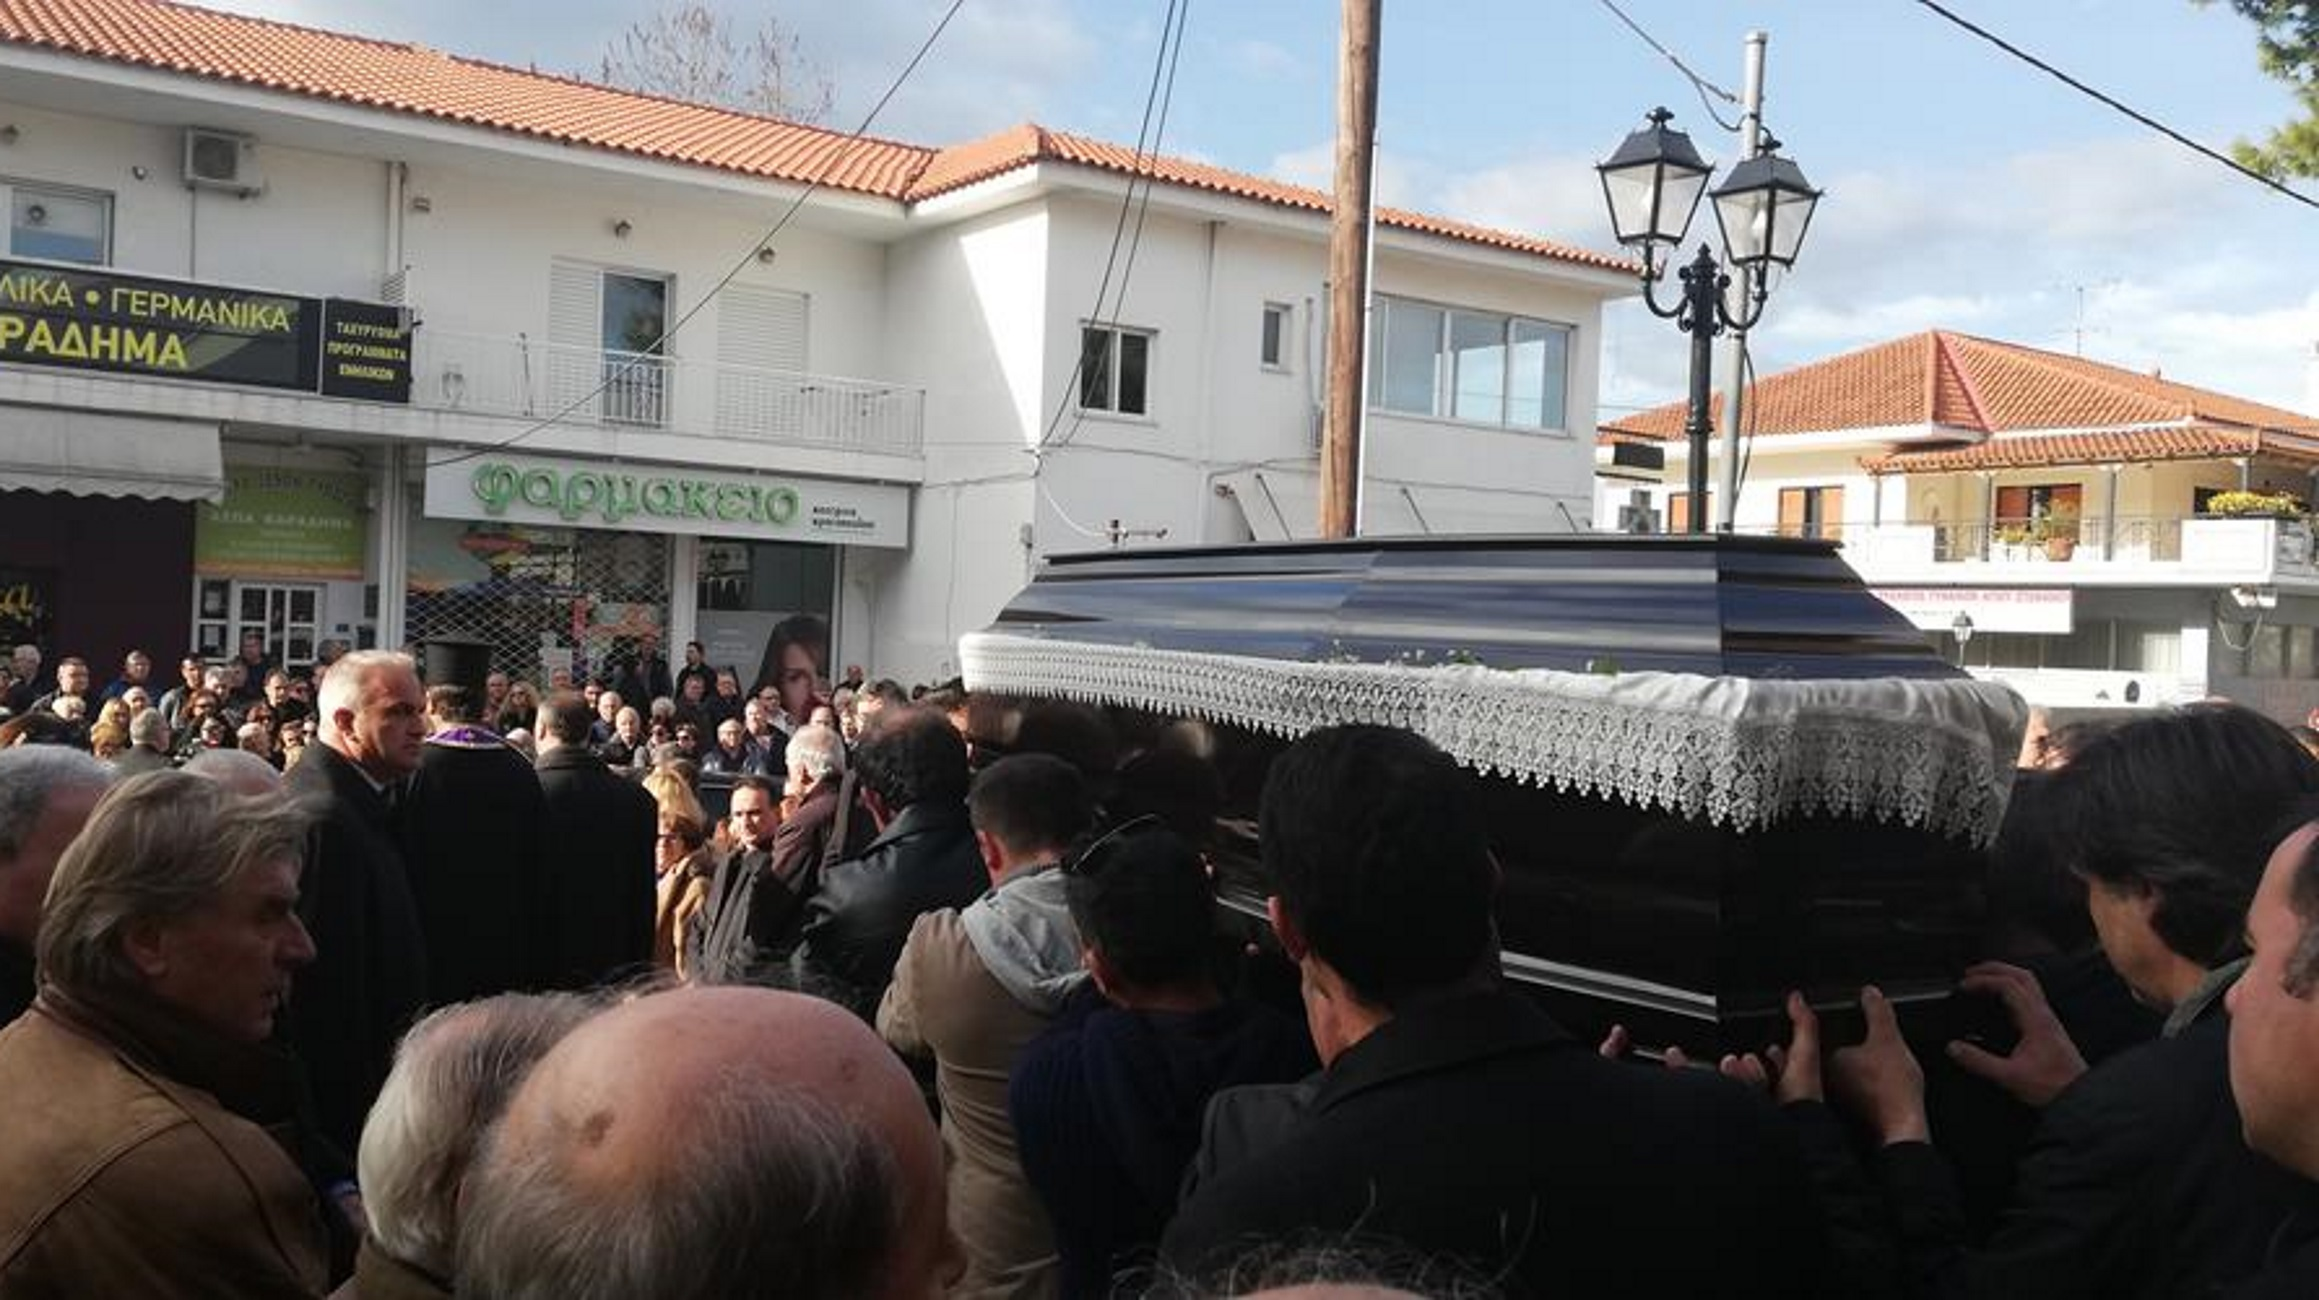 Θρήνος στην κηδεία του 55χρονου που δολοφονήθηκε στον Διόνυσο